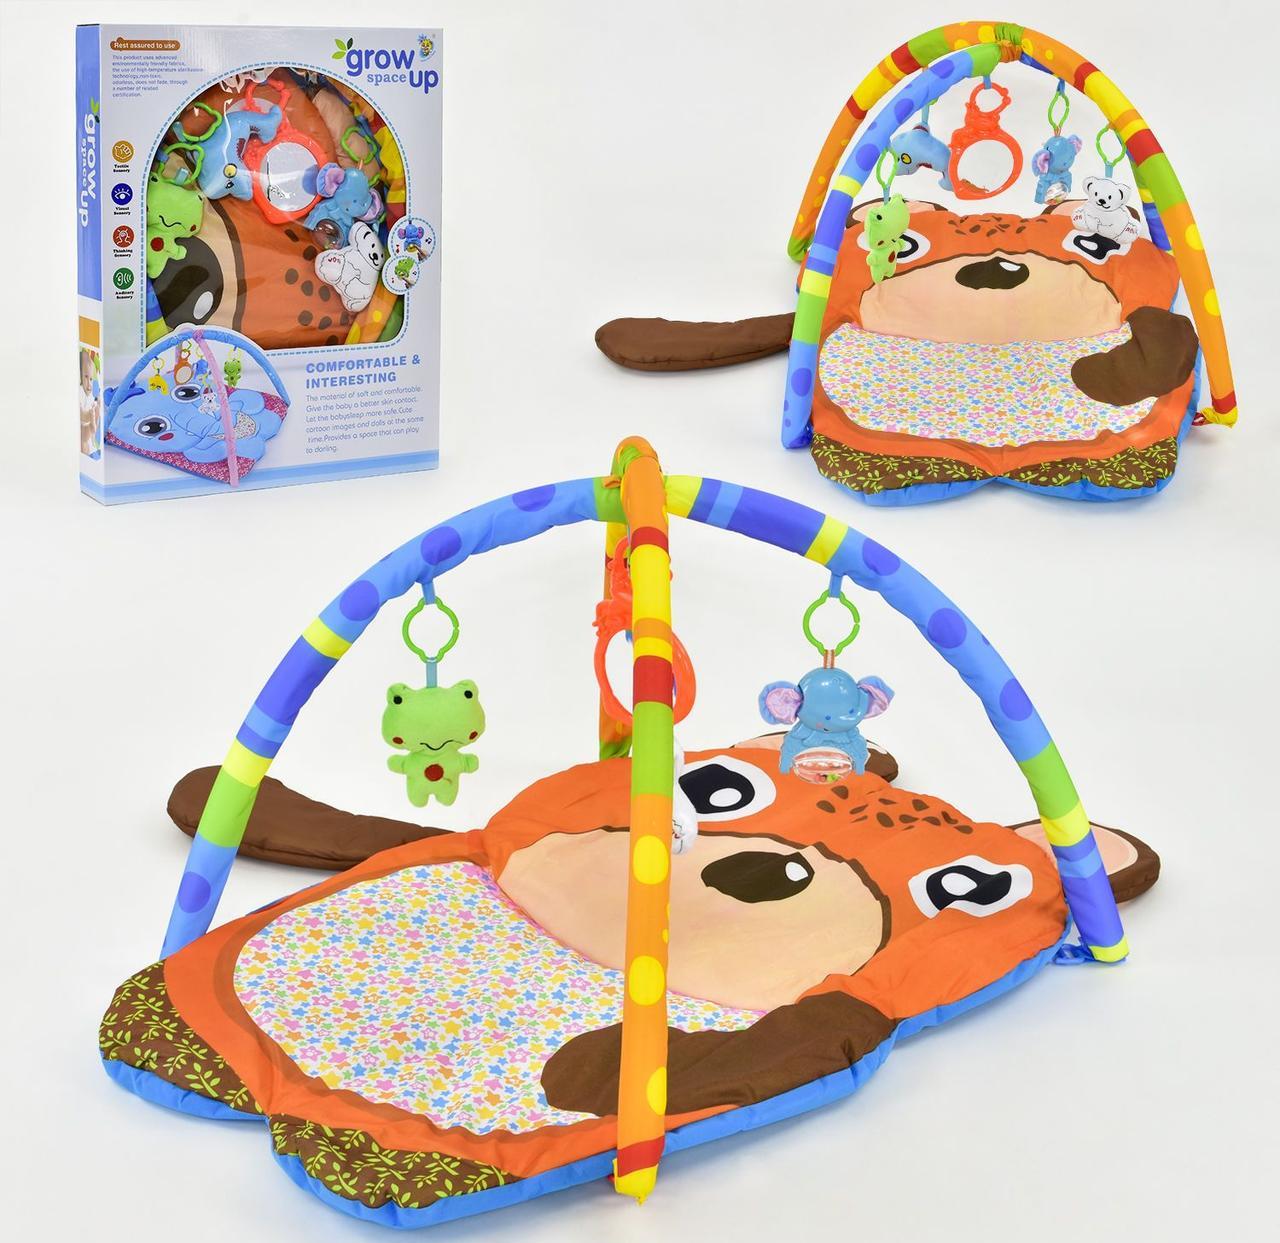 Коврик игровой в форме Медвежонка с подвесными игрушками светом и звуком